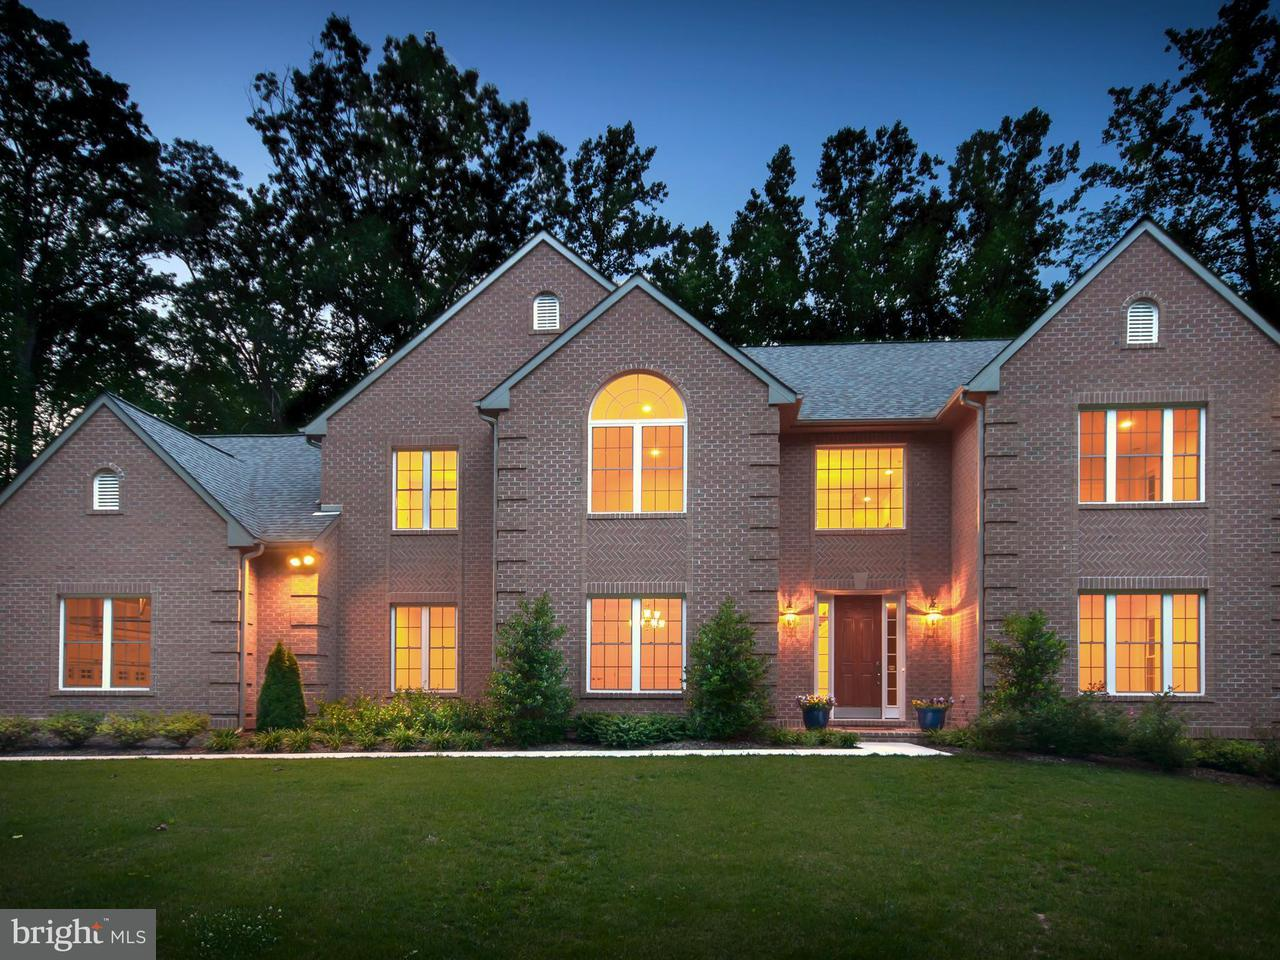 Vivienda unifamiliar por un Venta en 2401 Tufton Springs Lane 2401 Tufton Springs Lane Reisterstown, Maryland 21136 Estados Unidos